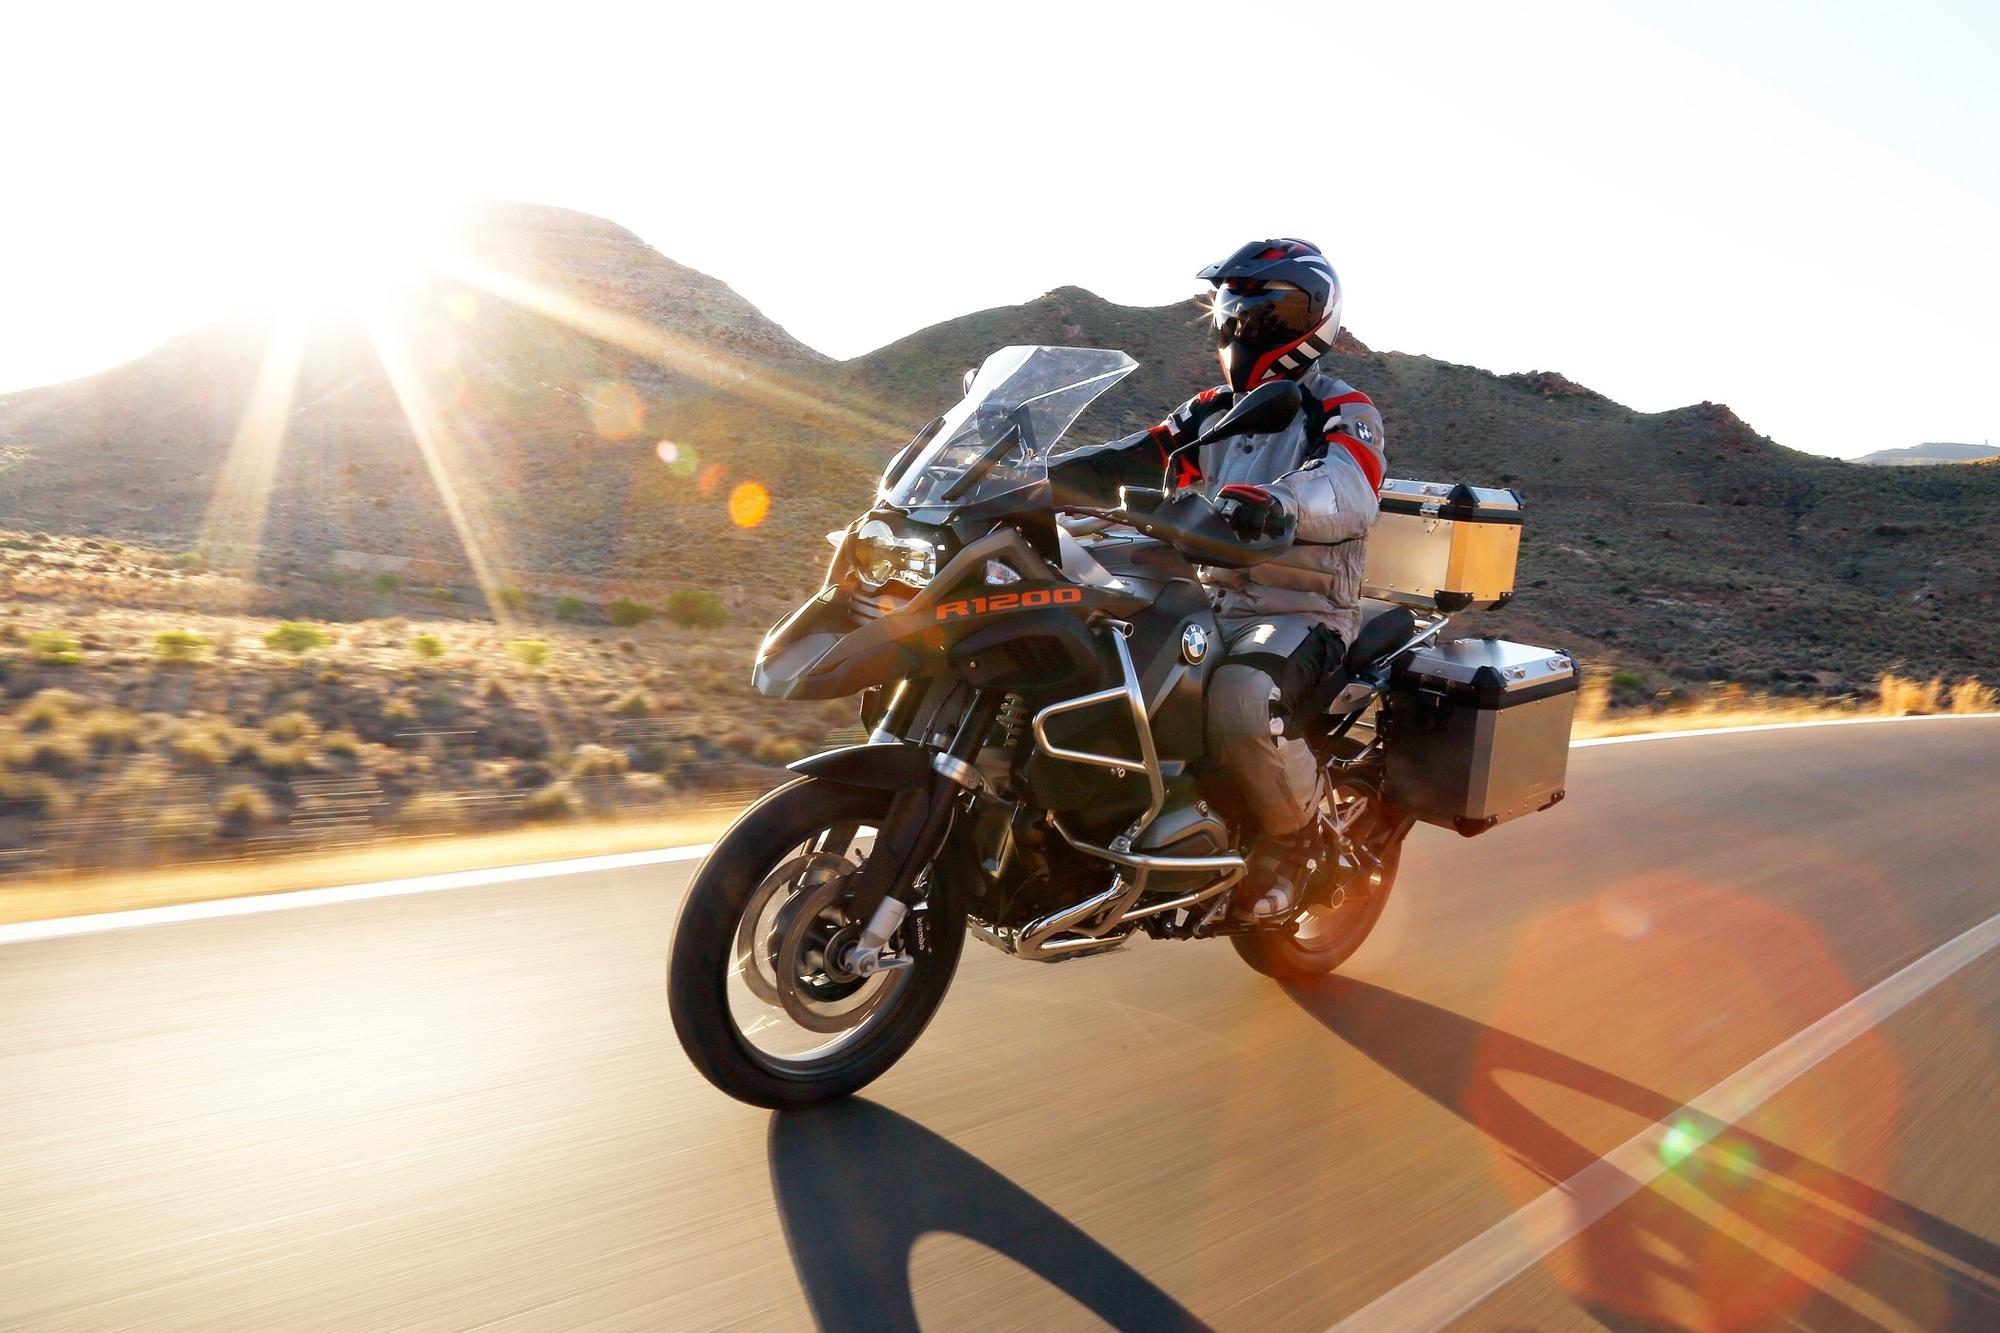 Zweiradmarkt weiter im Aufwind - Attraktivität des Motorrads steigt